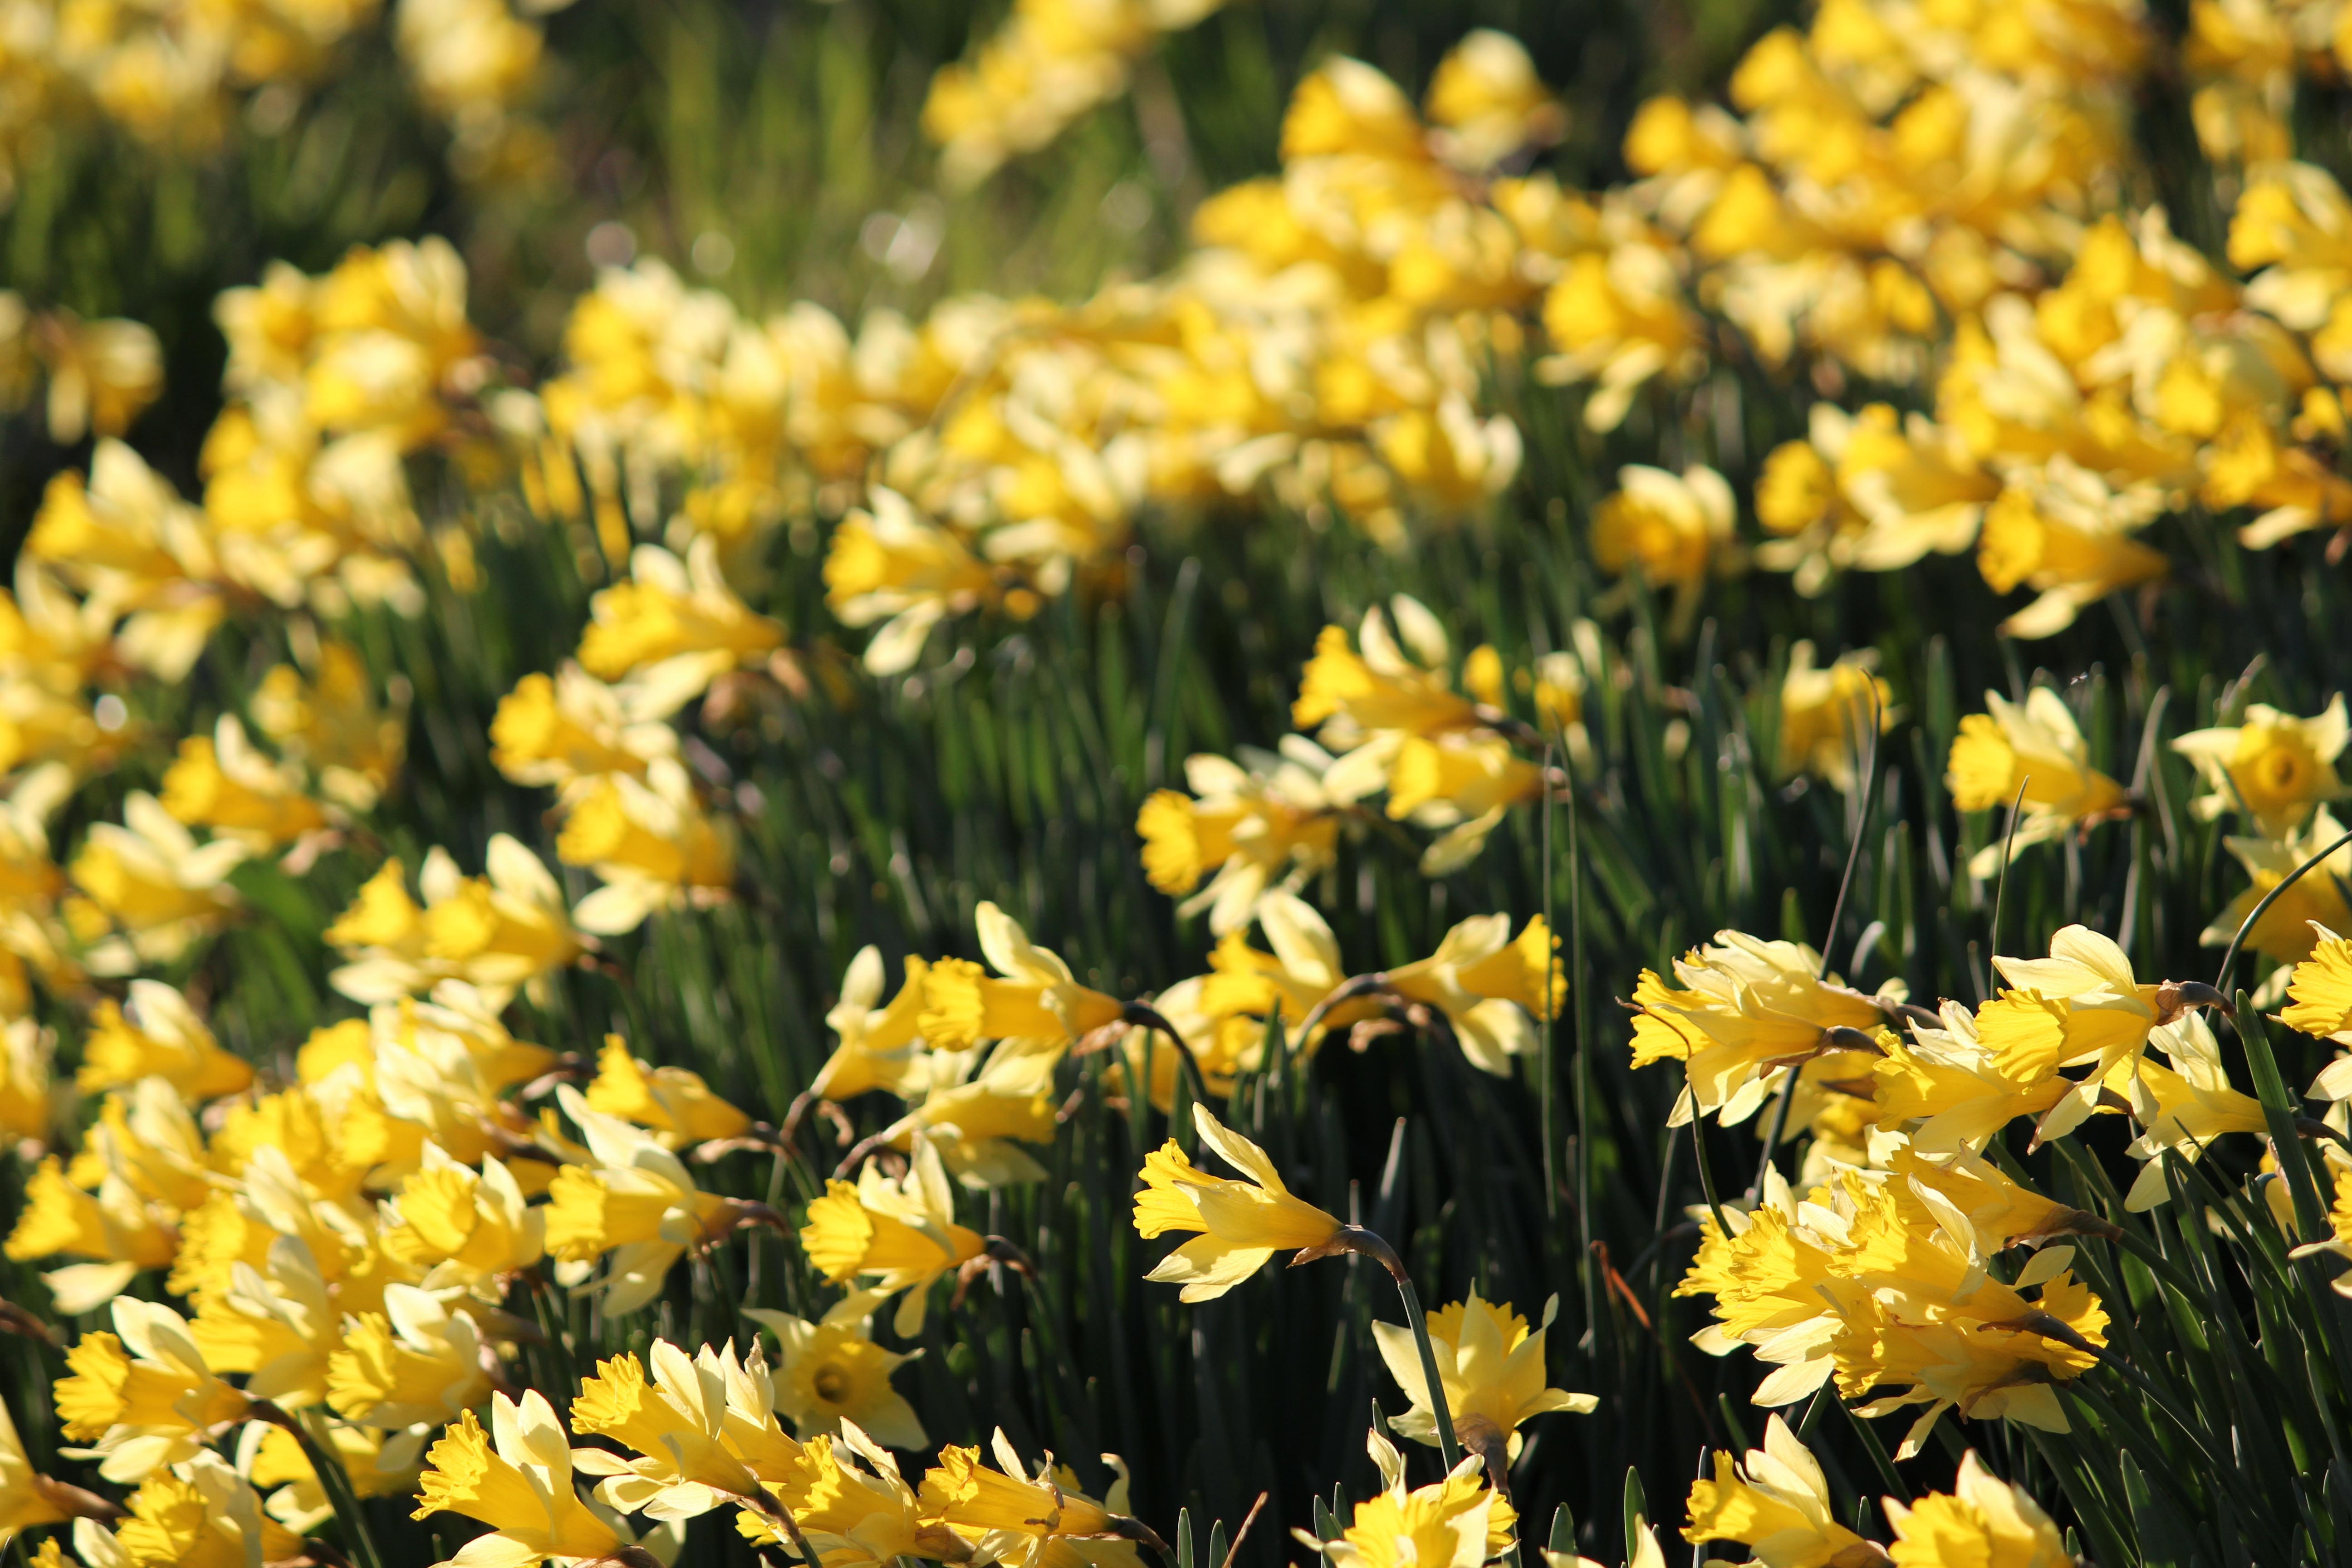 Spring Flowers in Clarksville AR